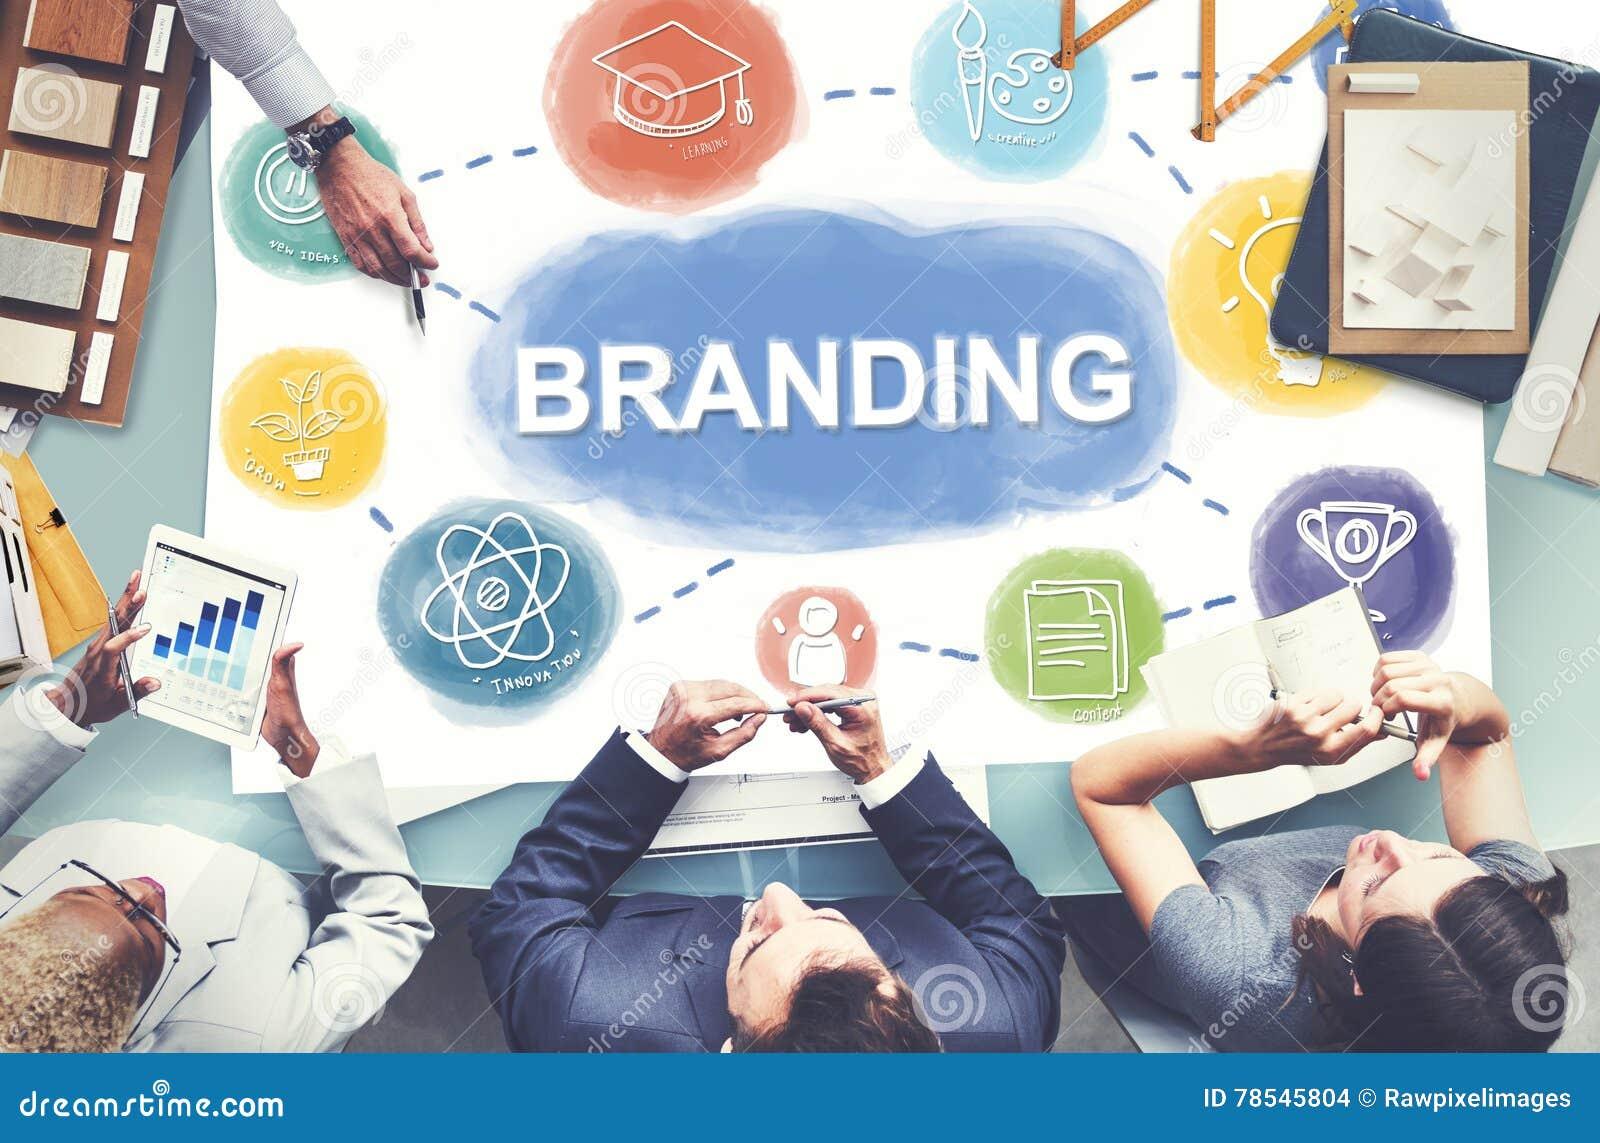 Concepto creativo de marcado en caliente del gráfico de negocio de la marca